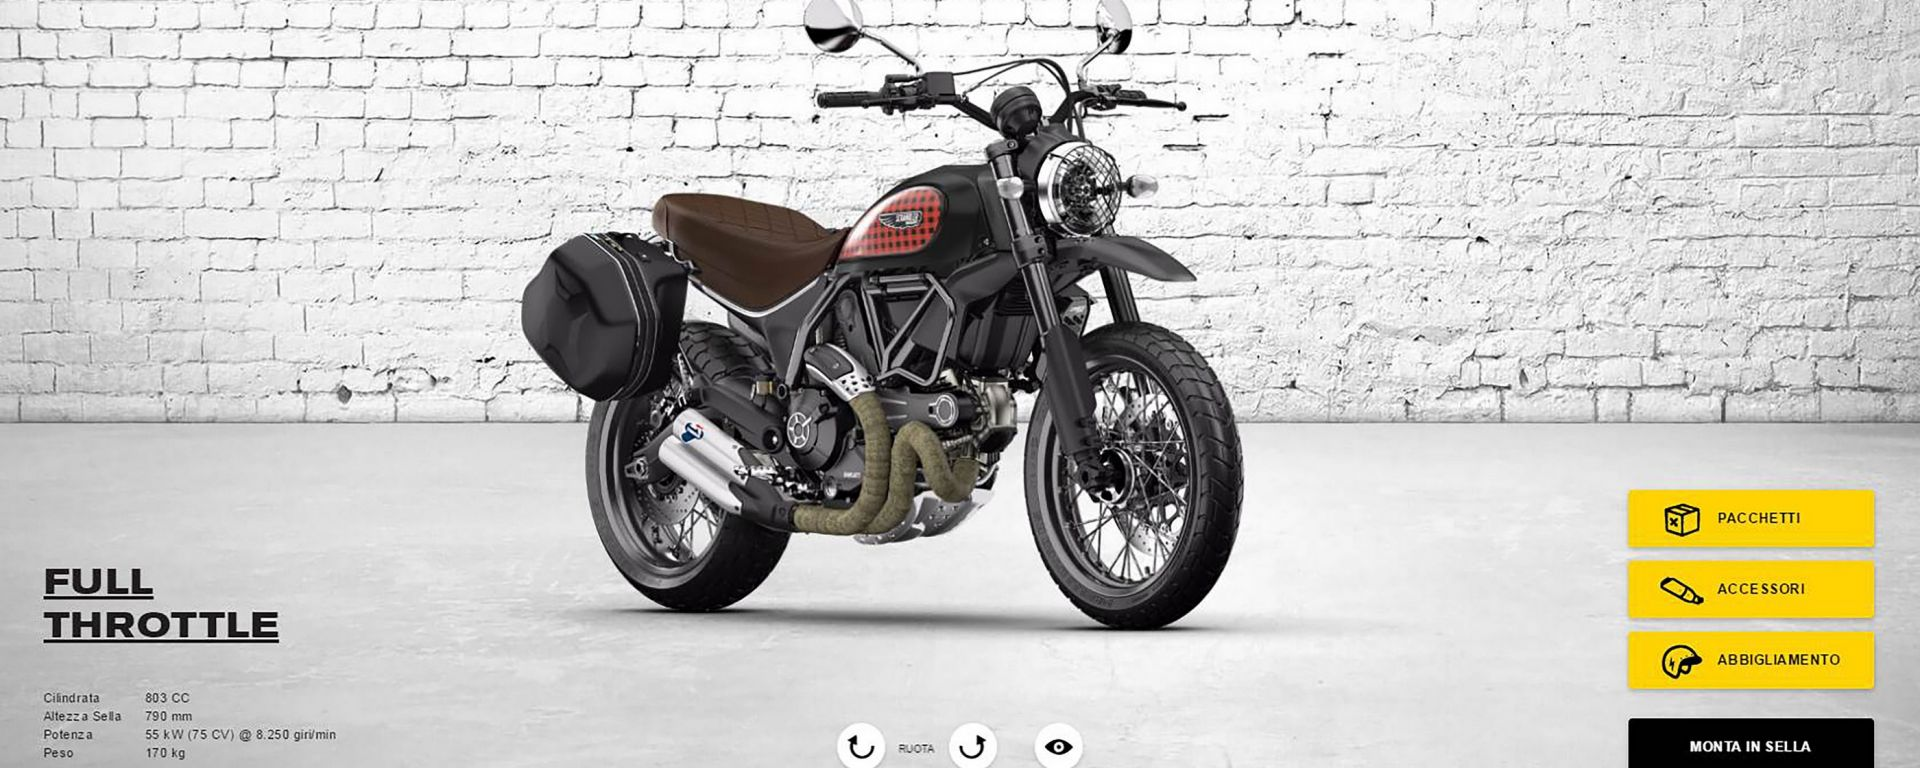 Scrambler Ducati: il nuovo configuratore offre 11 diversi punti di vista, tra cui quello del pilota